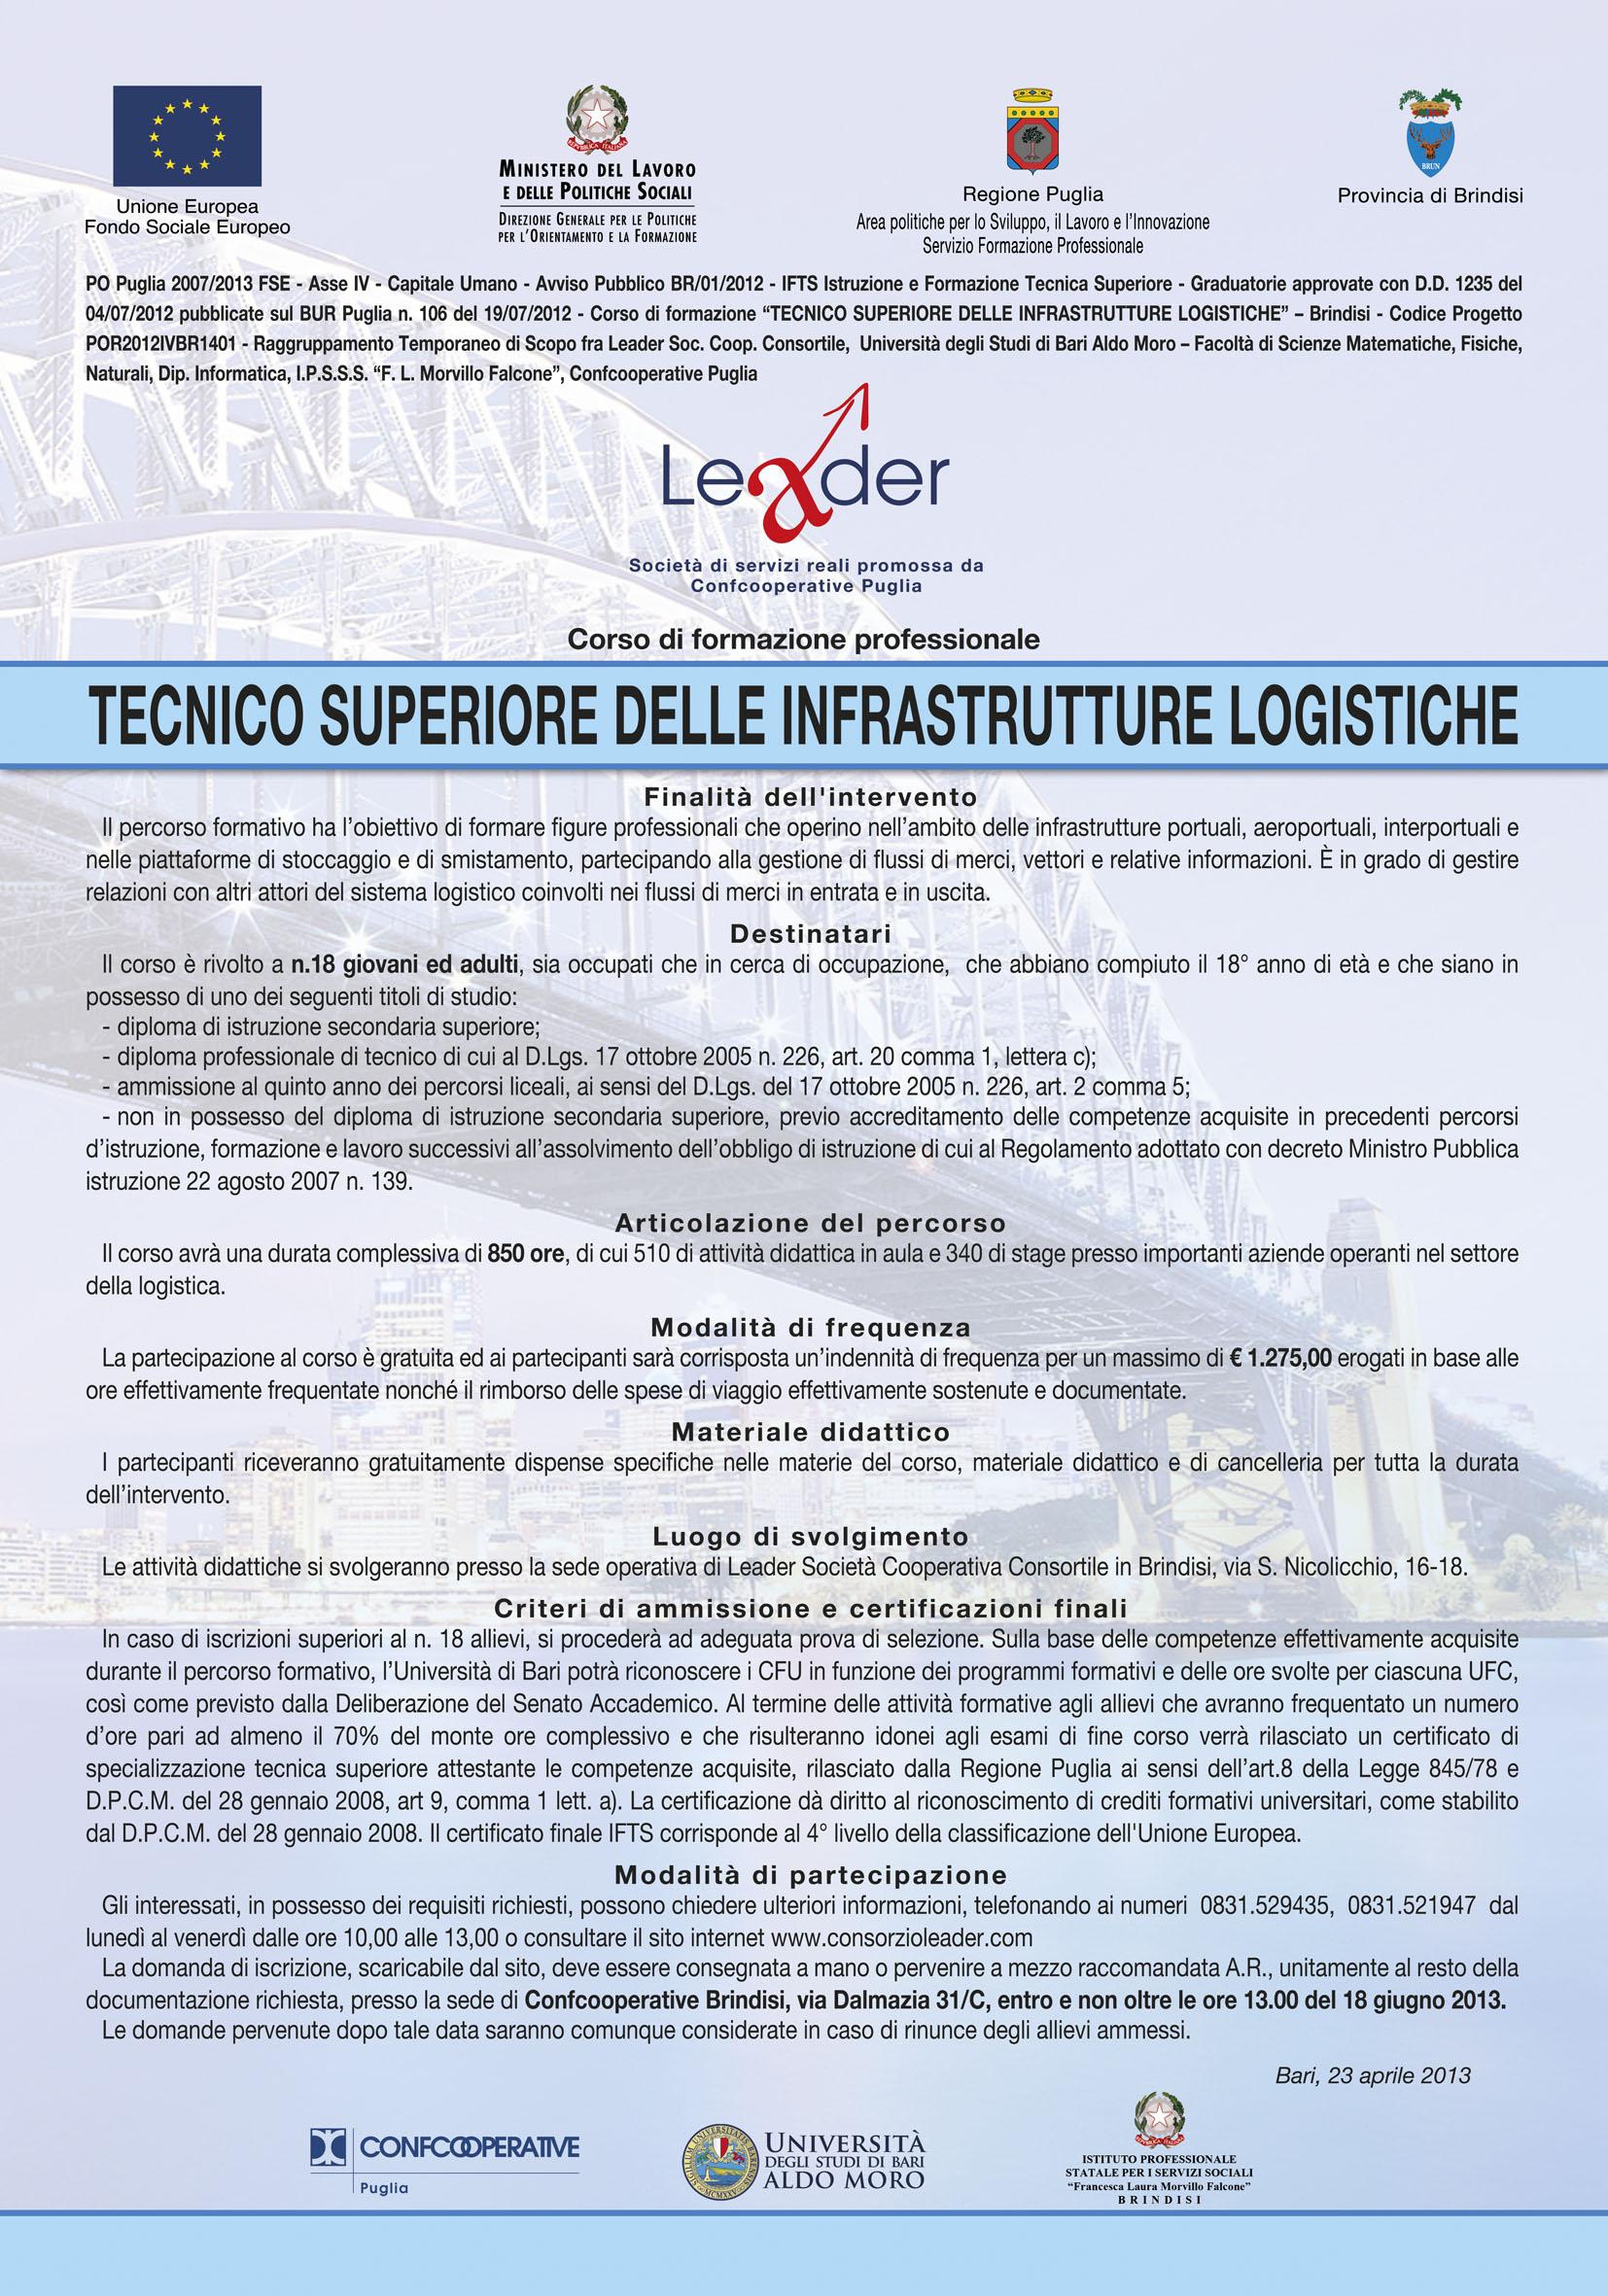 Tecnico superiore delle Infrastrutture Logistiche